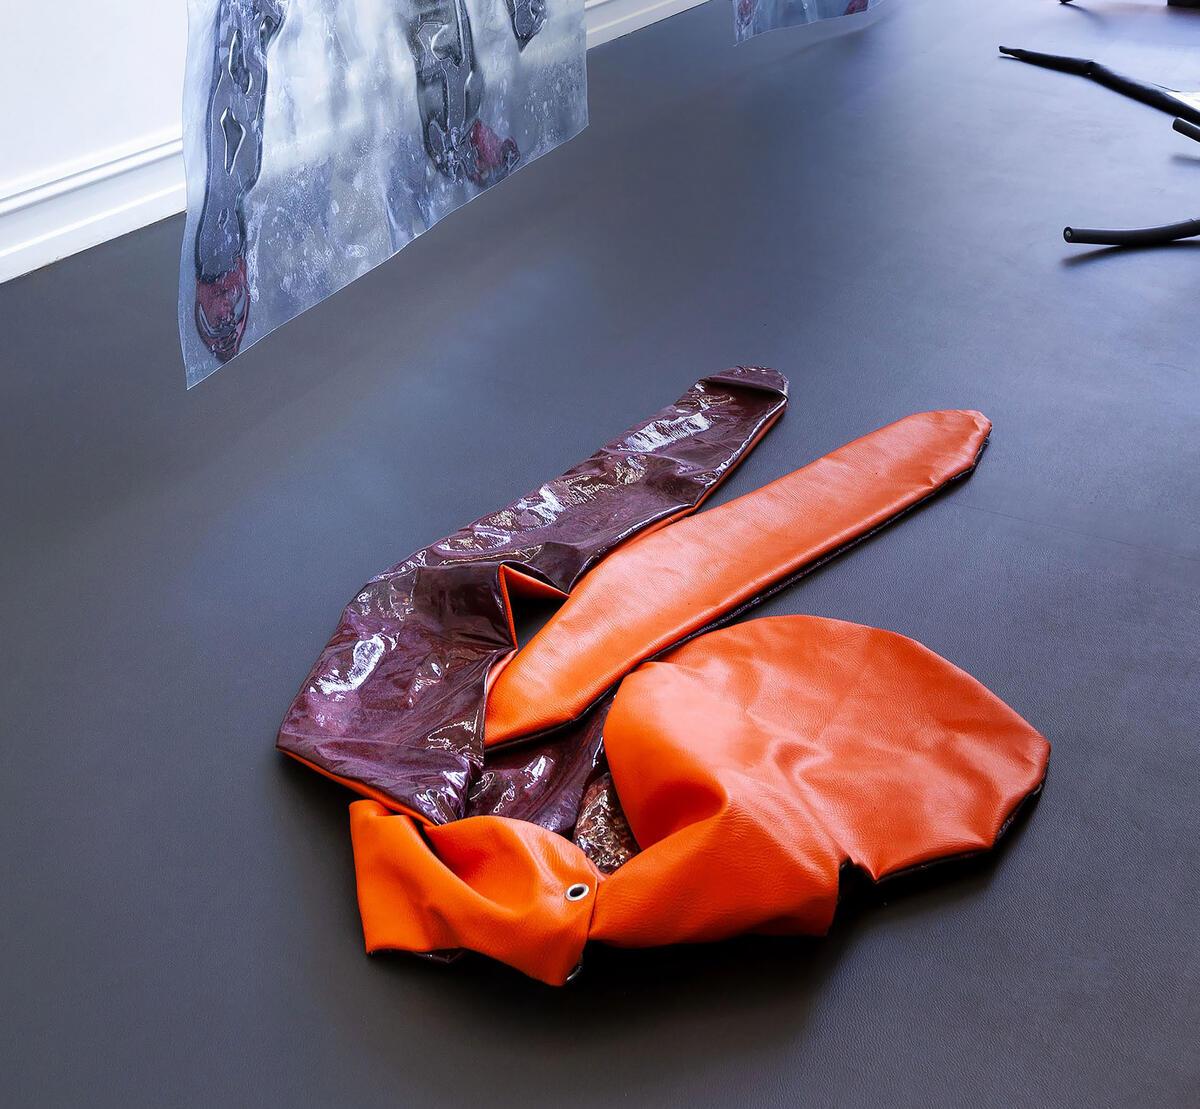 Sandra Mujinga. Tittel: Shawl (Elephant Ears) 2 (2017). Medium: skupltur. PVC, akrylmaling, kunstlær, karabinkrok, glyserin, gjengestang, stangkobling.  størrelse: 170 x 60 x 6 cm. (Foto/Photo)